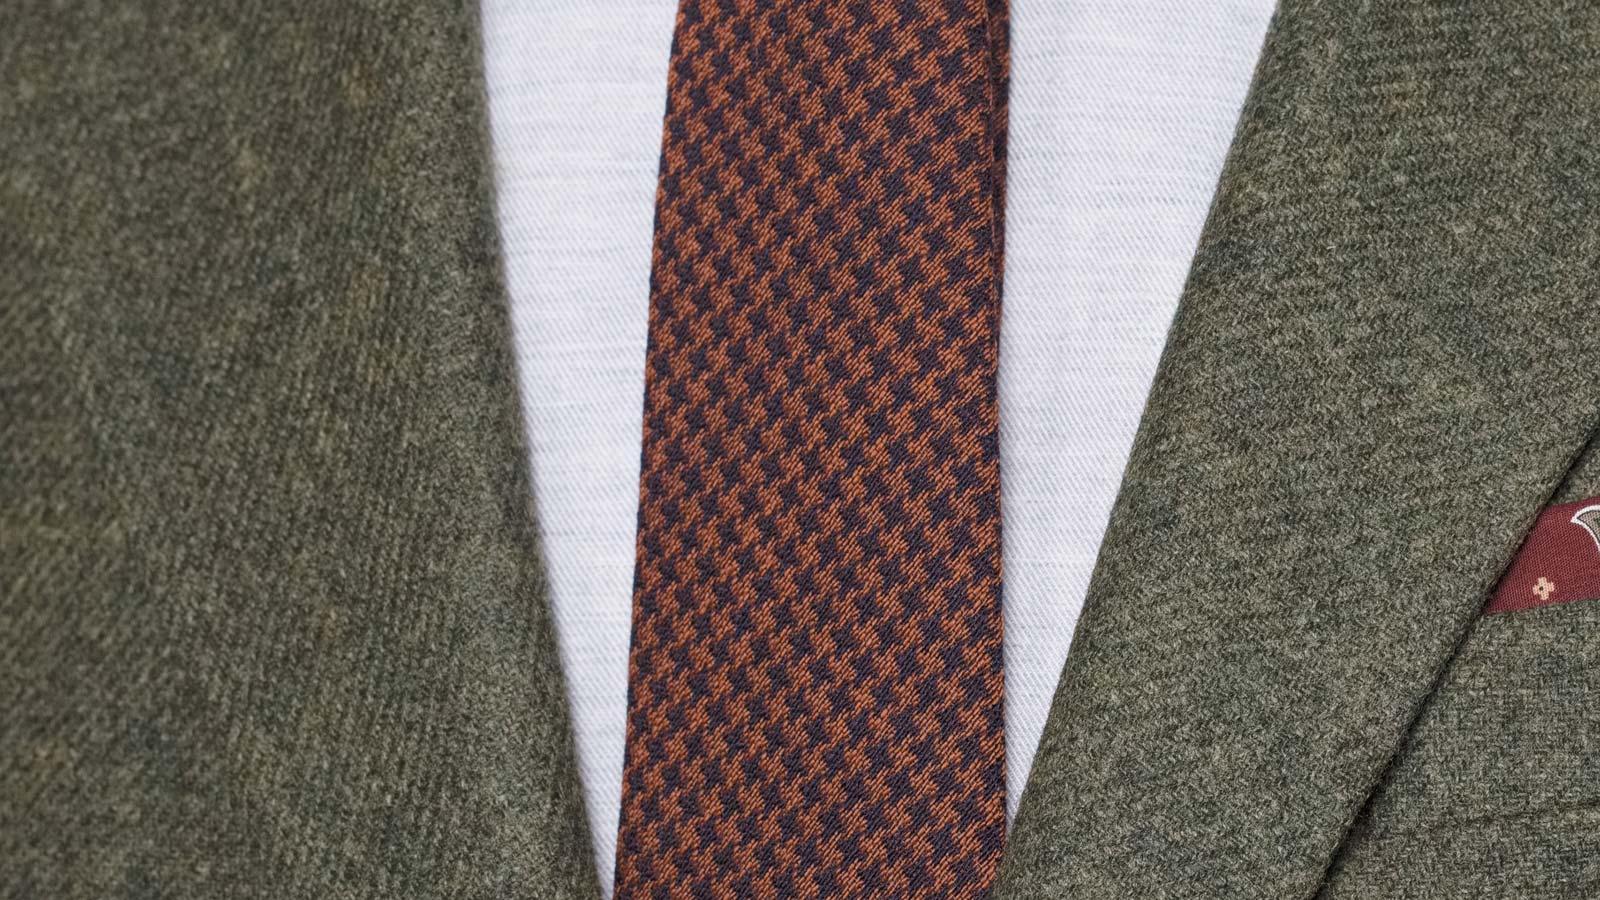 Pastel Green Wool & Cashmere Blazer - slider image 1